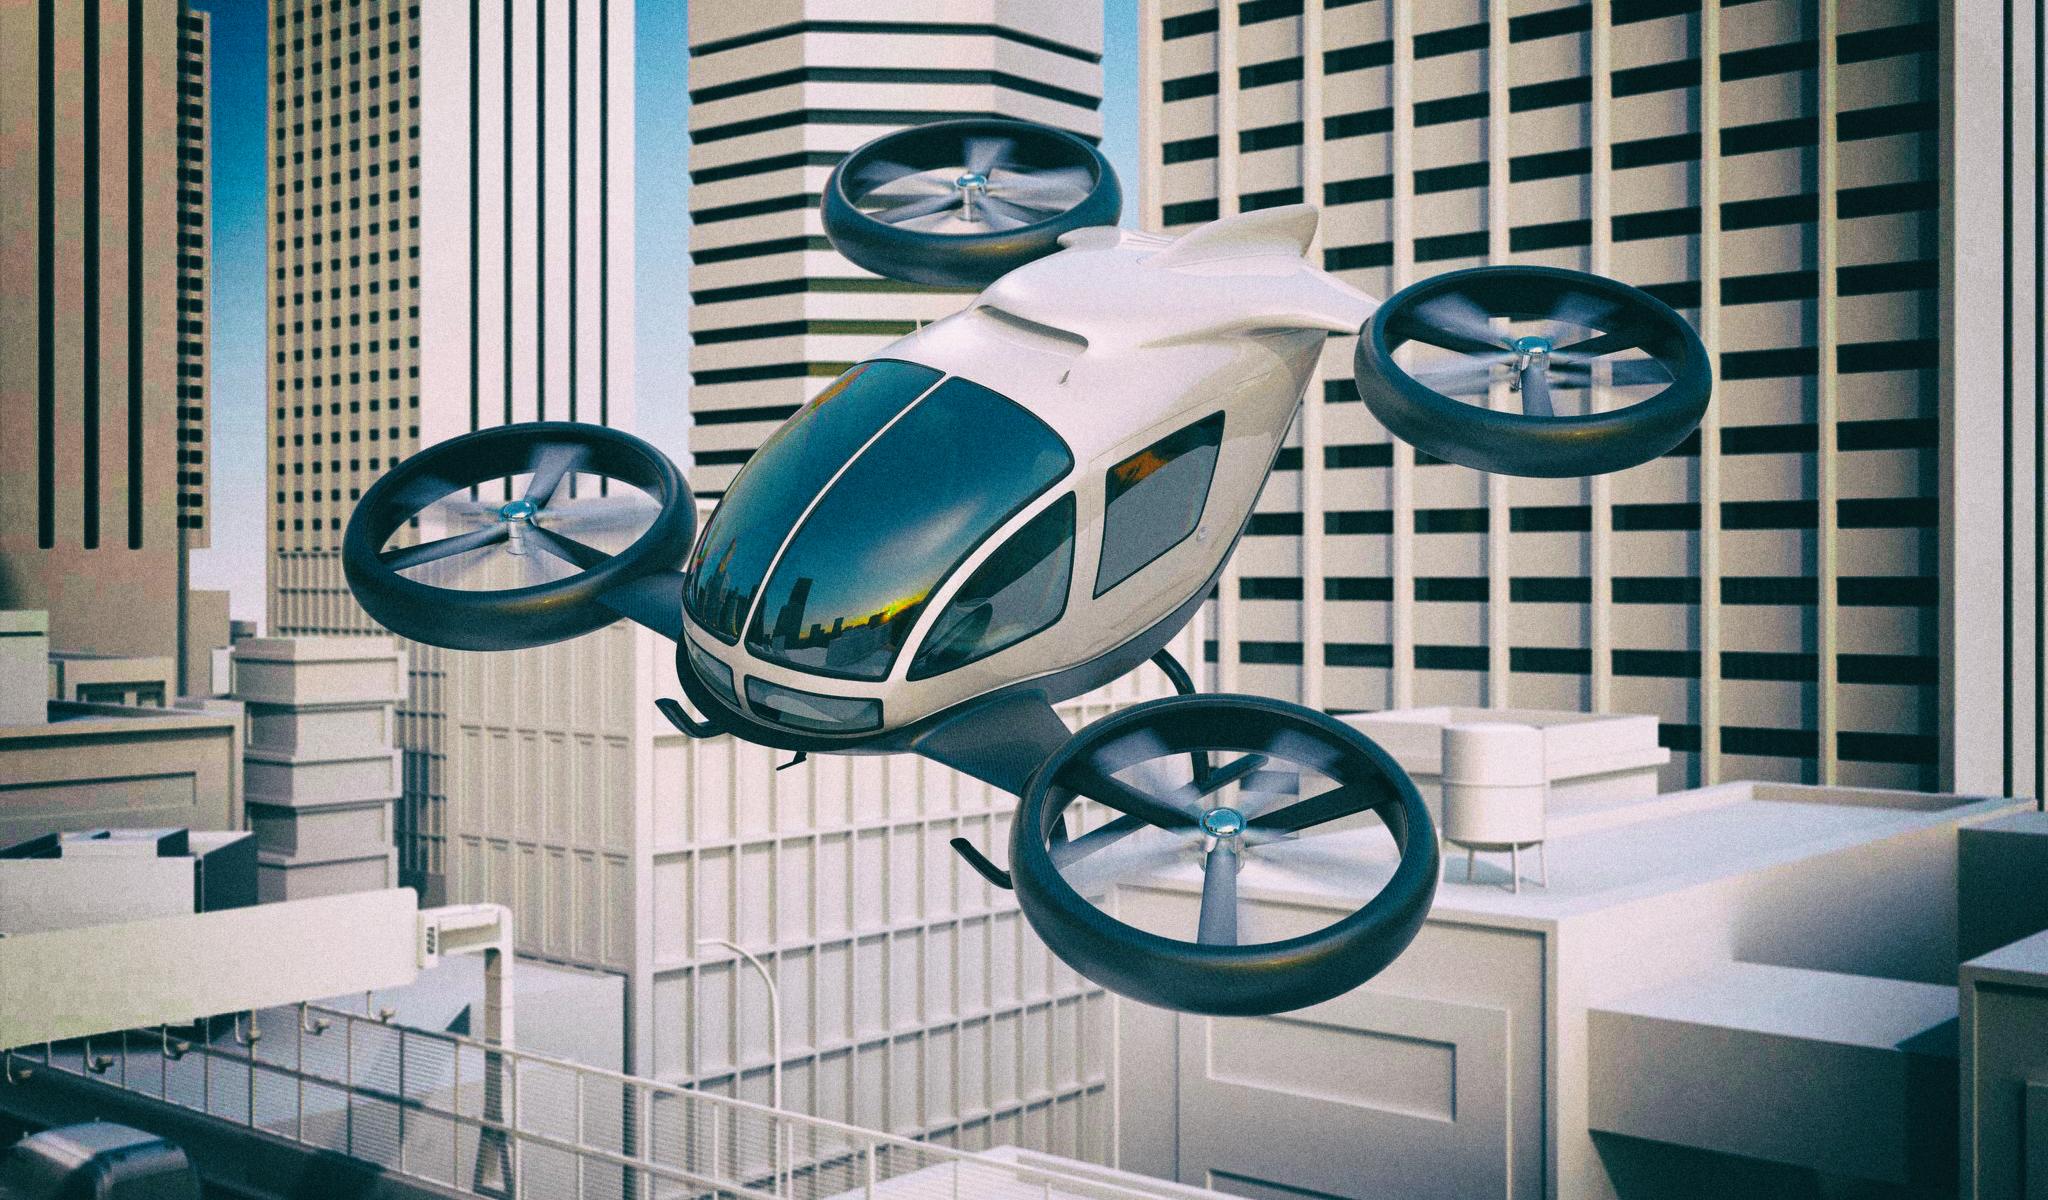 Как дроны и летающие машины изменят наши города